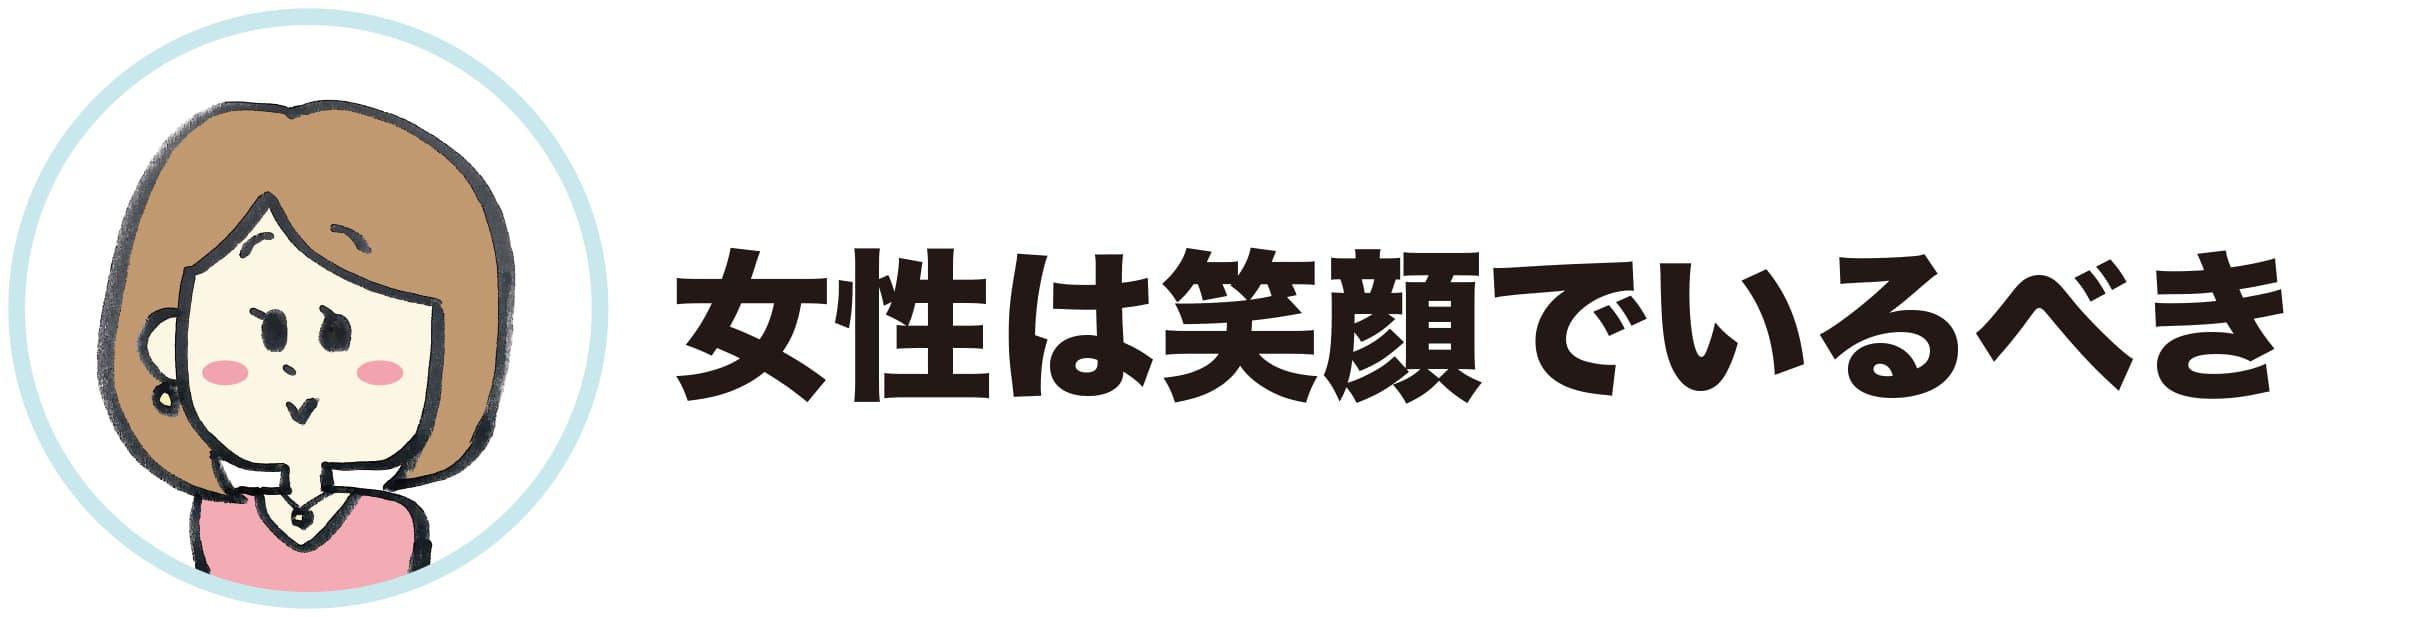 大川さんの知見画像